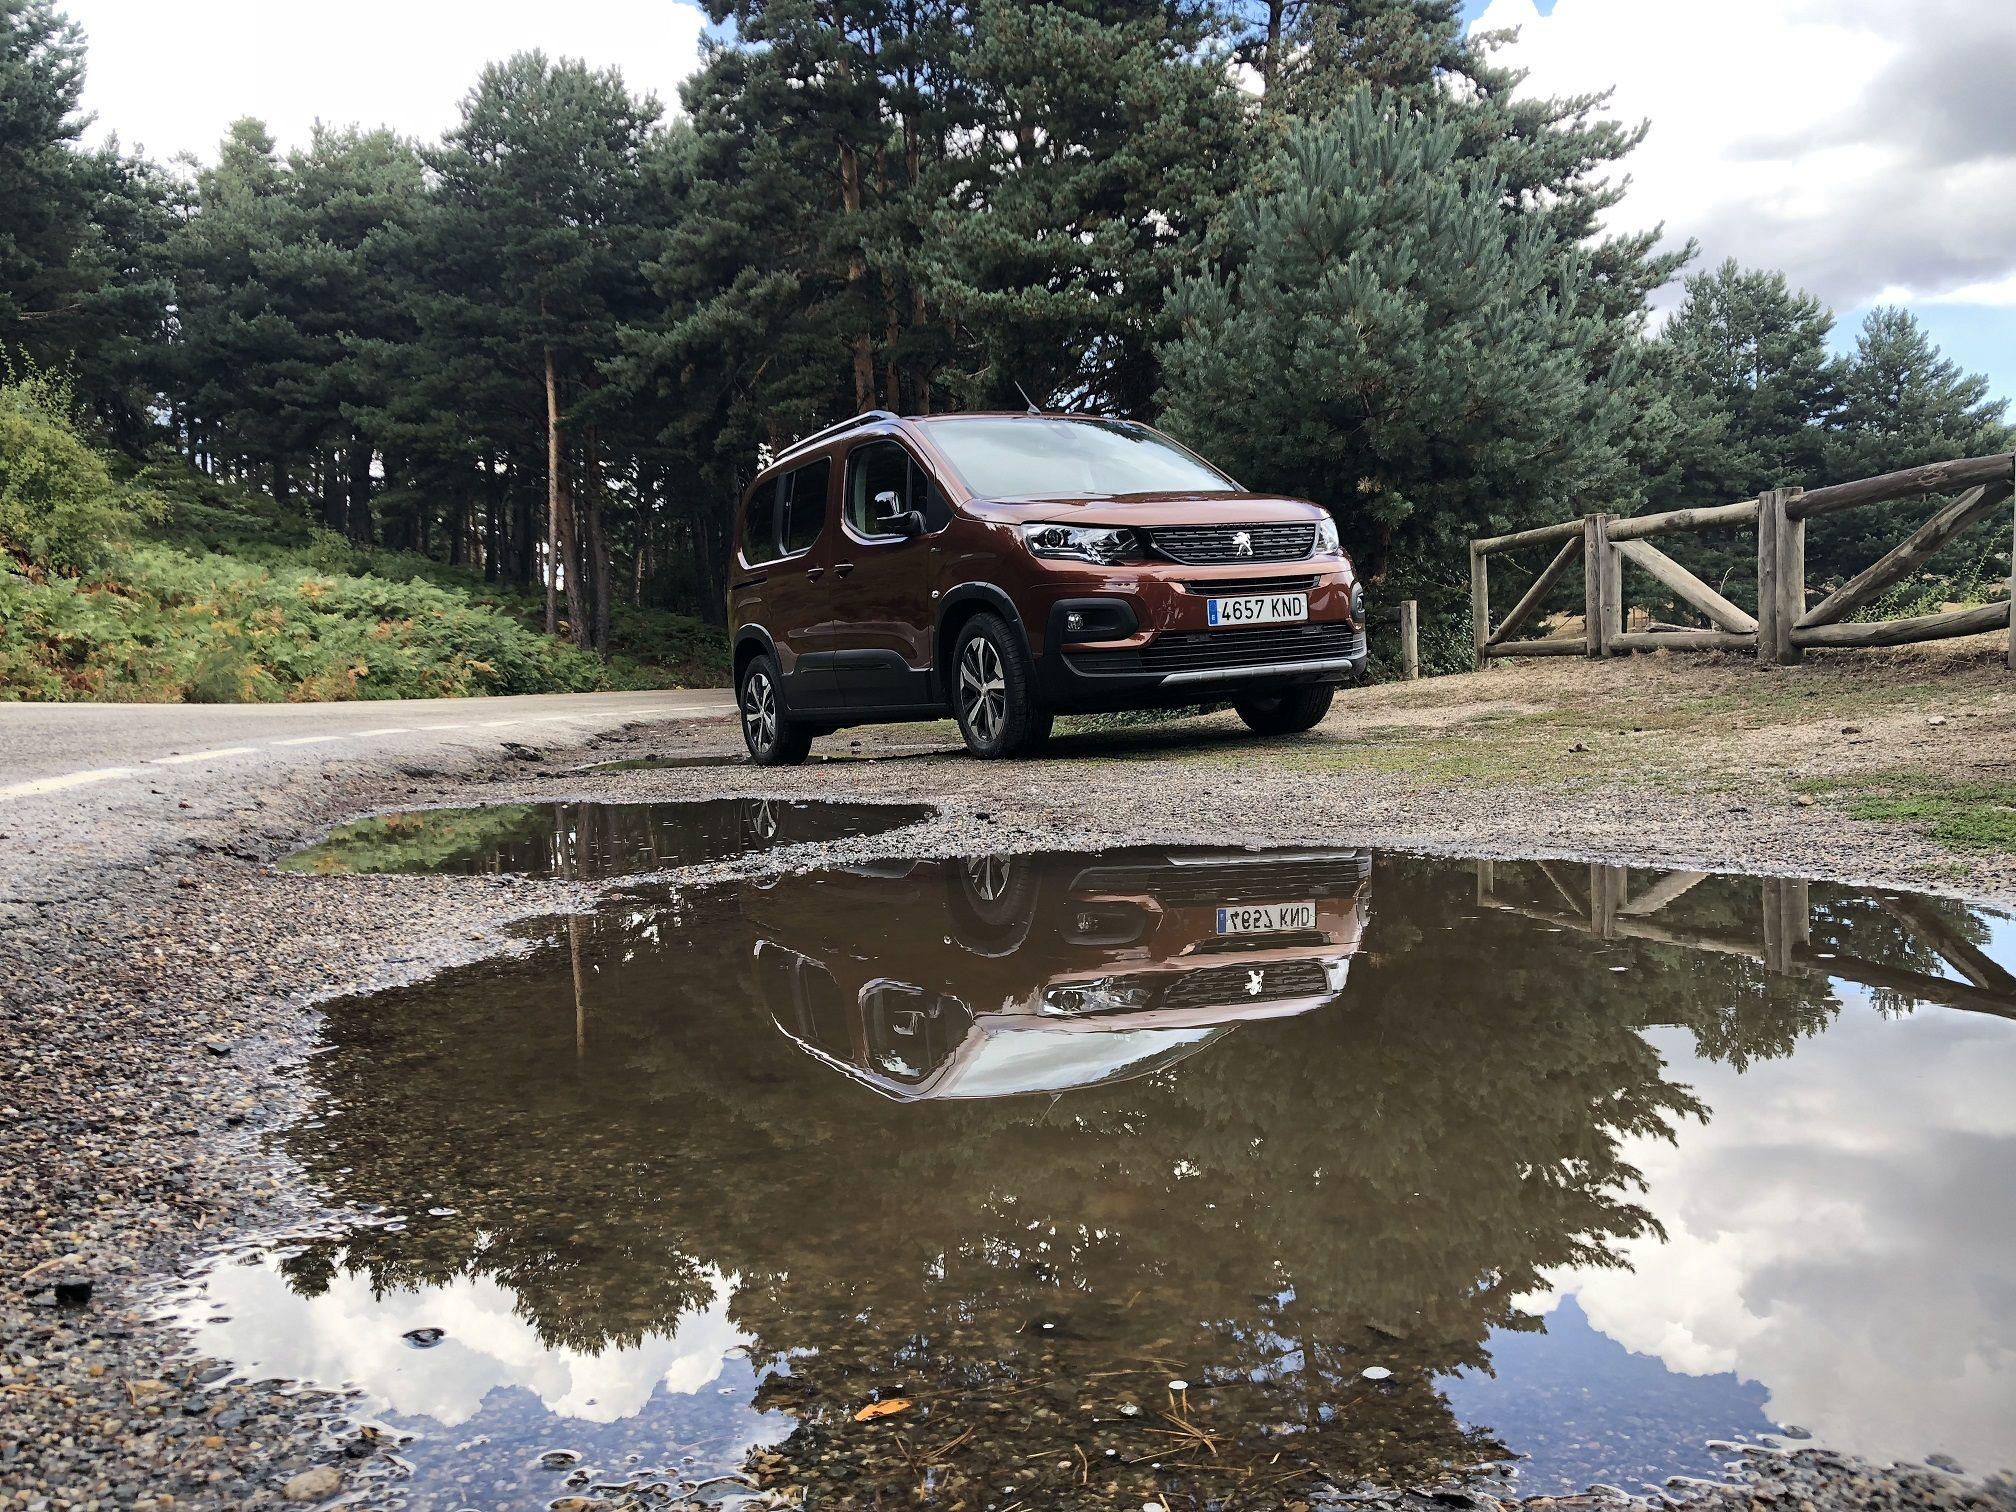 El Nuevo Peugeot Rifter se va de aventura